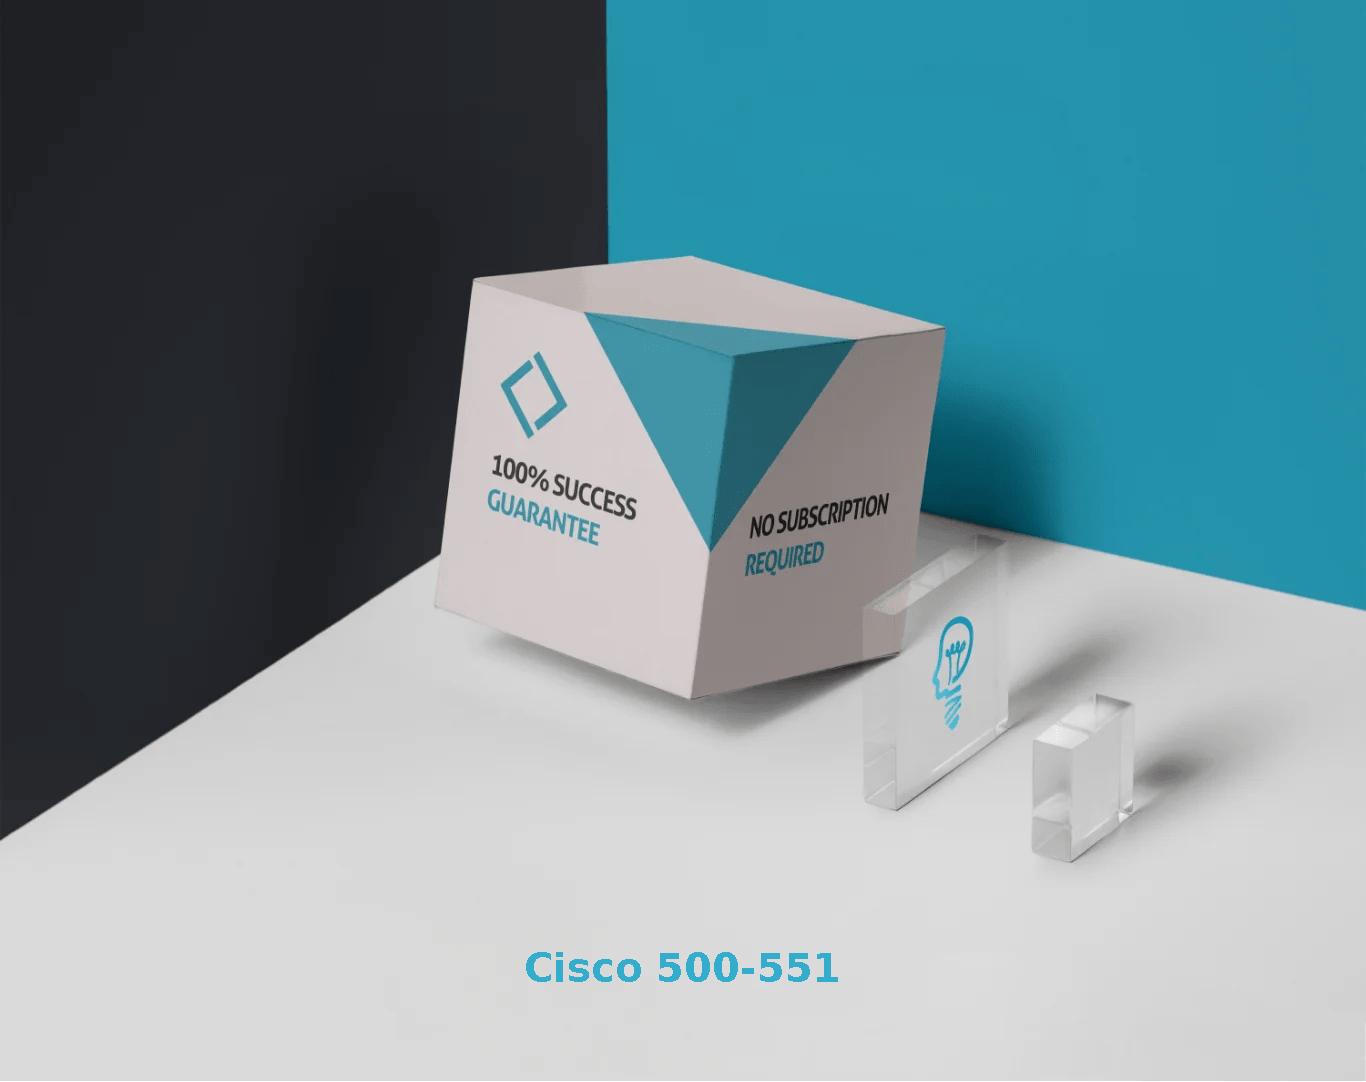 500-551 Dumps